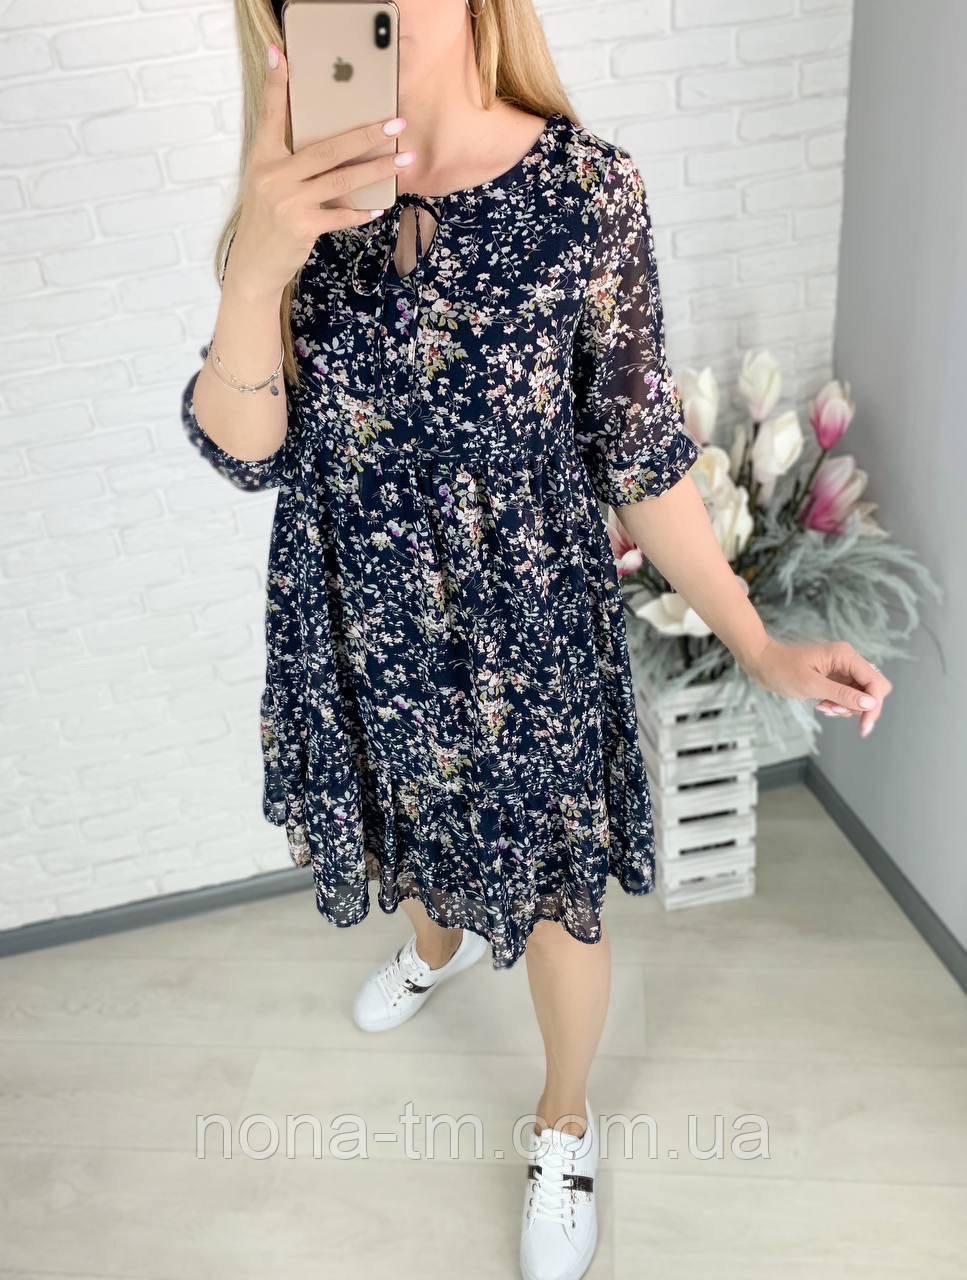 Женское нежное шифоновое платье свободного кроя в цветочный принт (Норма и батал)